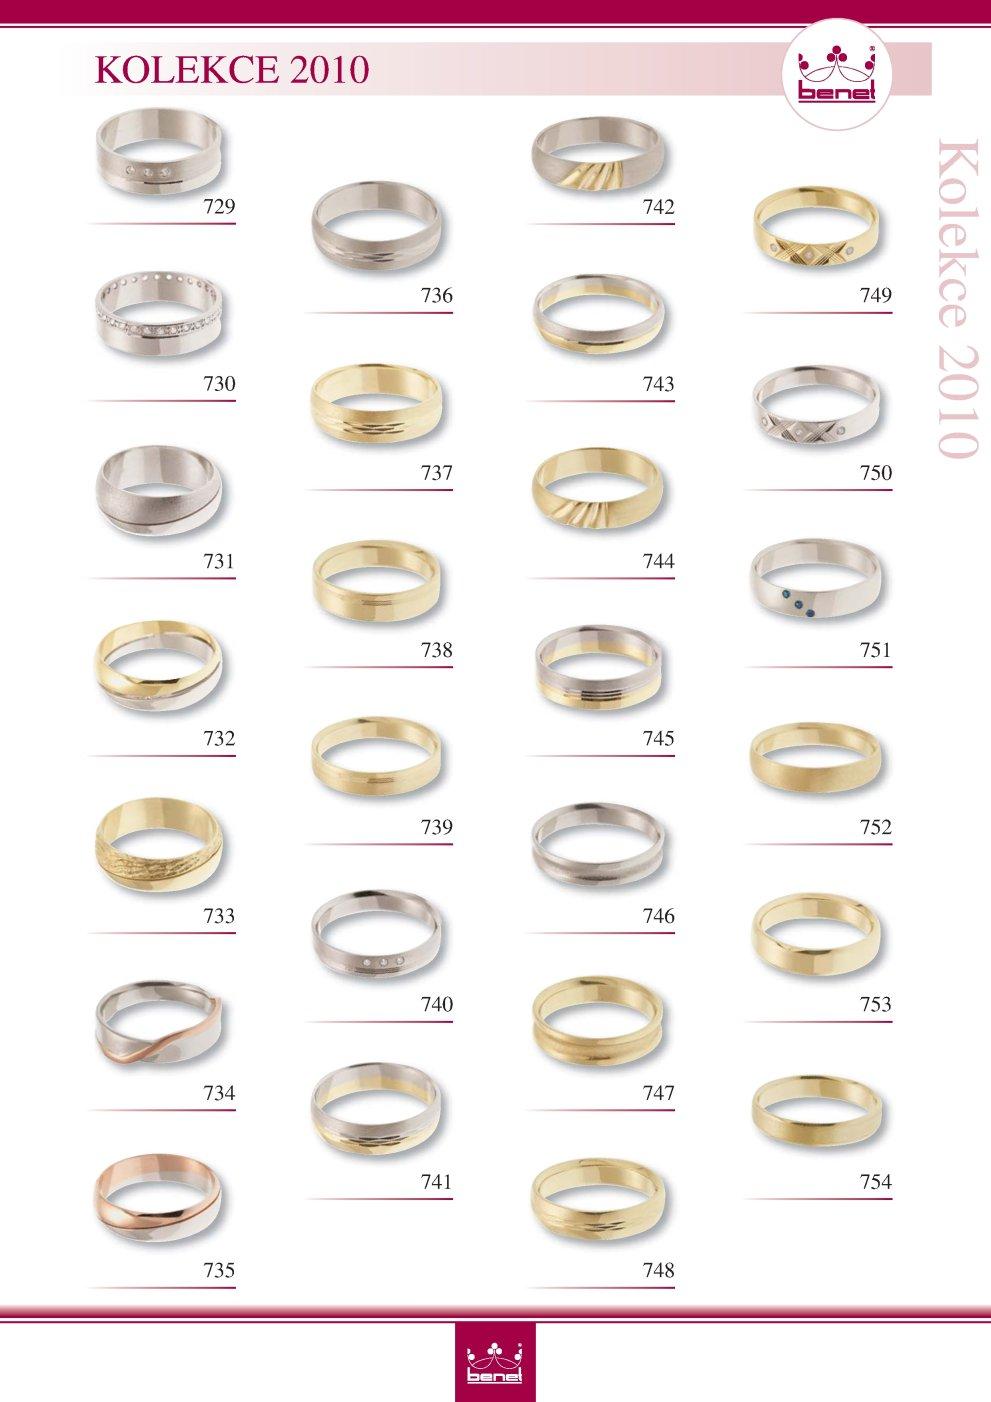 Snubni Prsteny Kolekce Benet